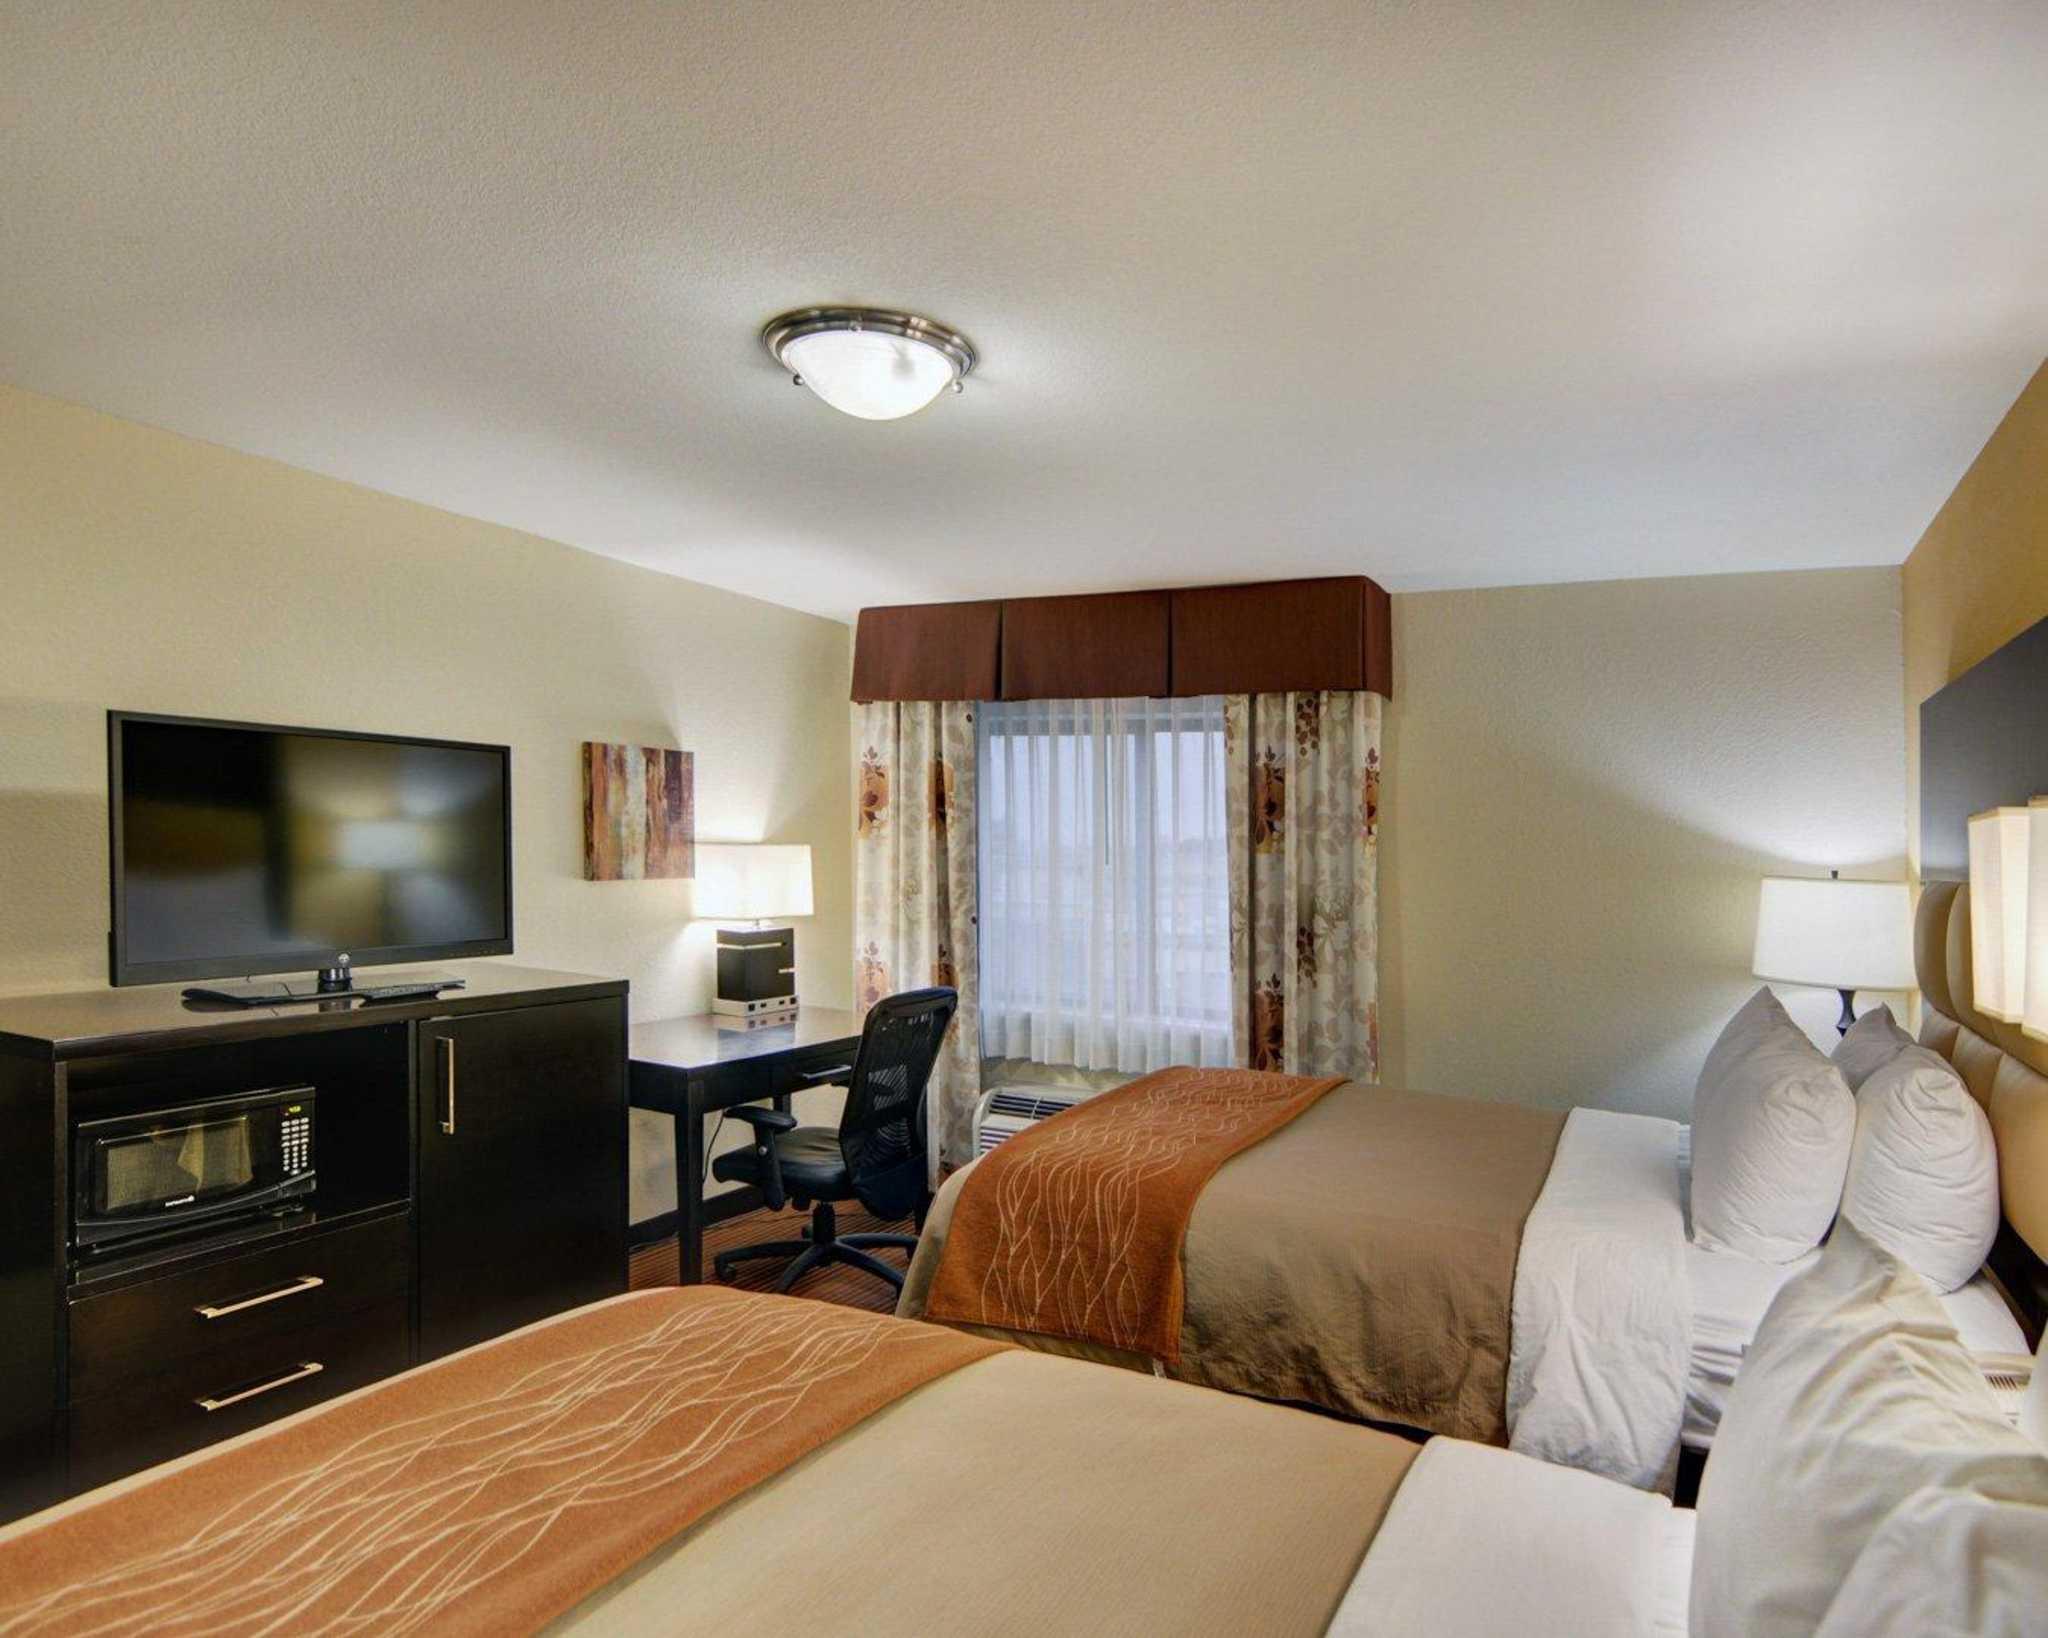 Comfort Inn image 10